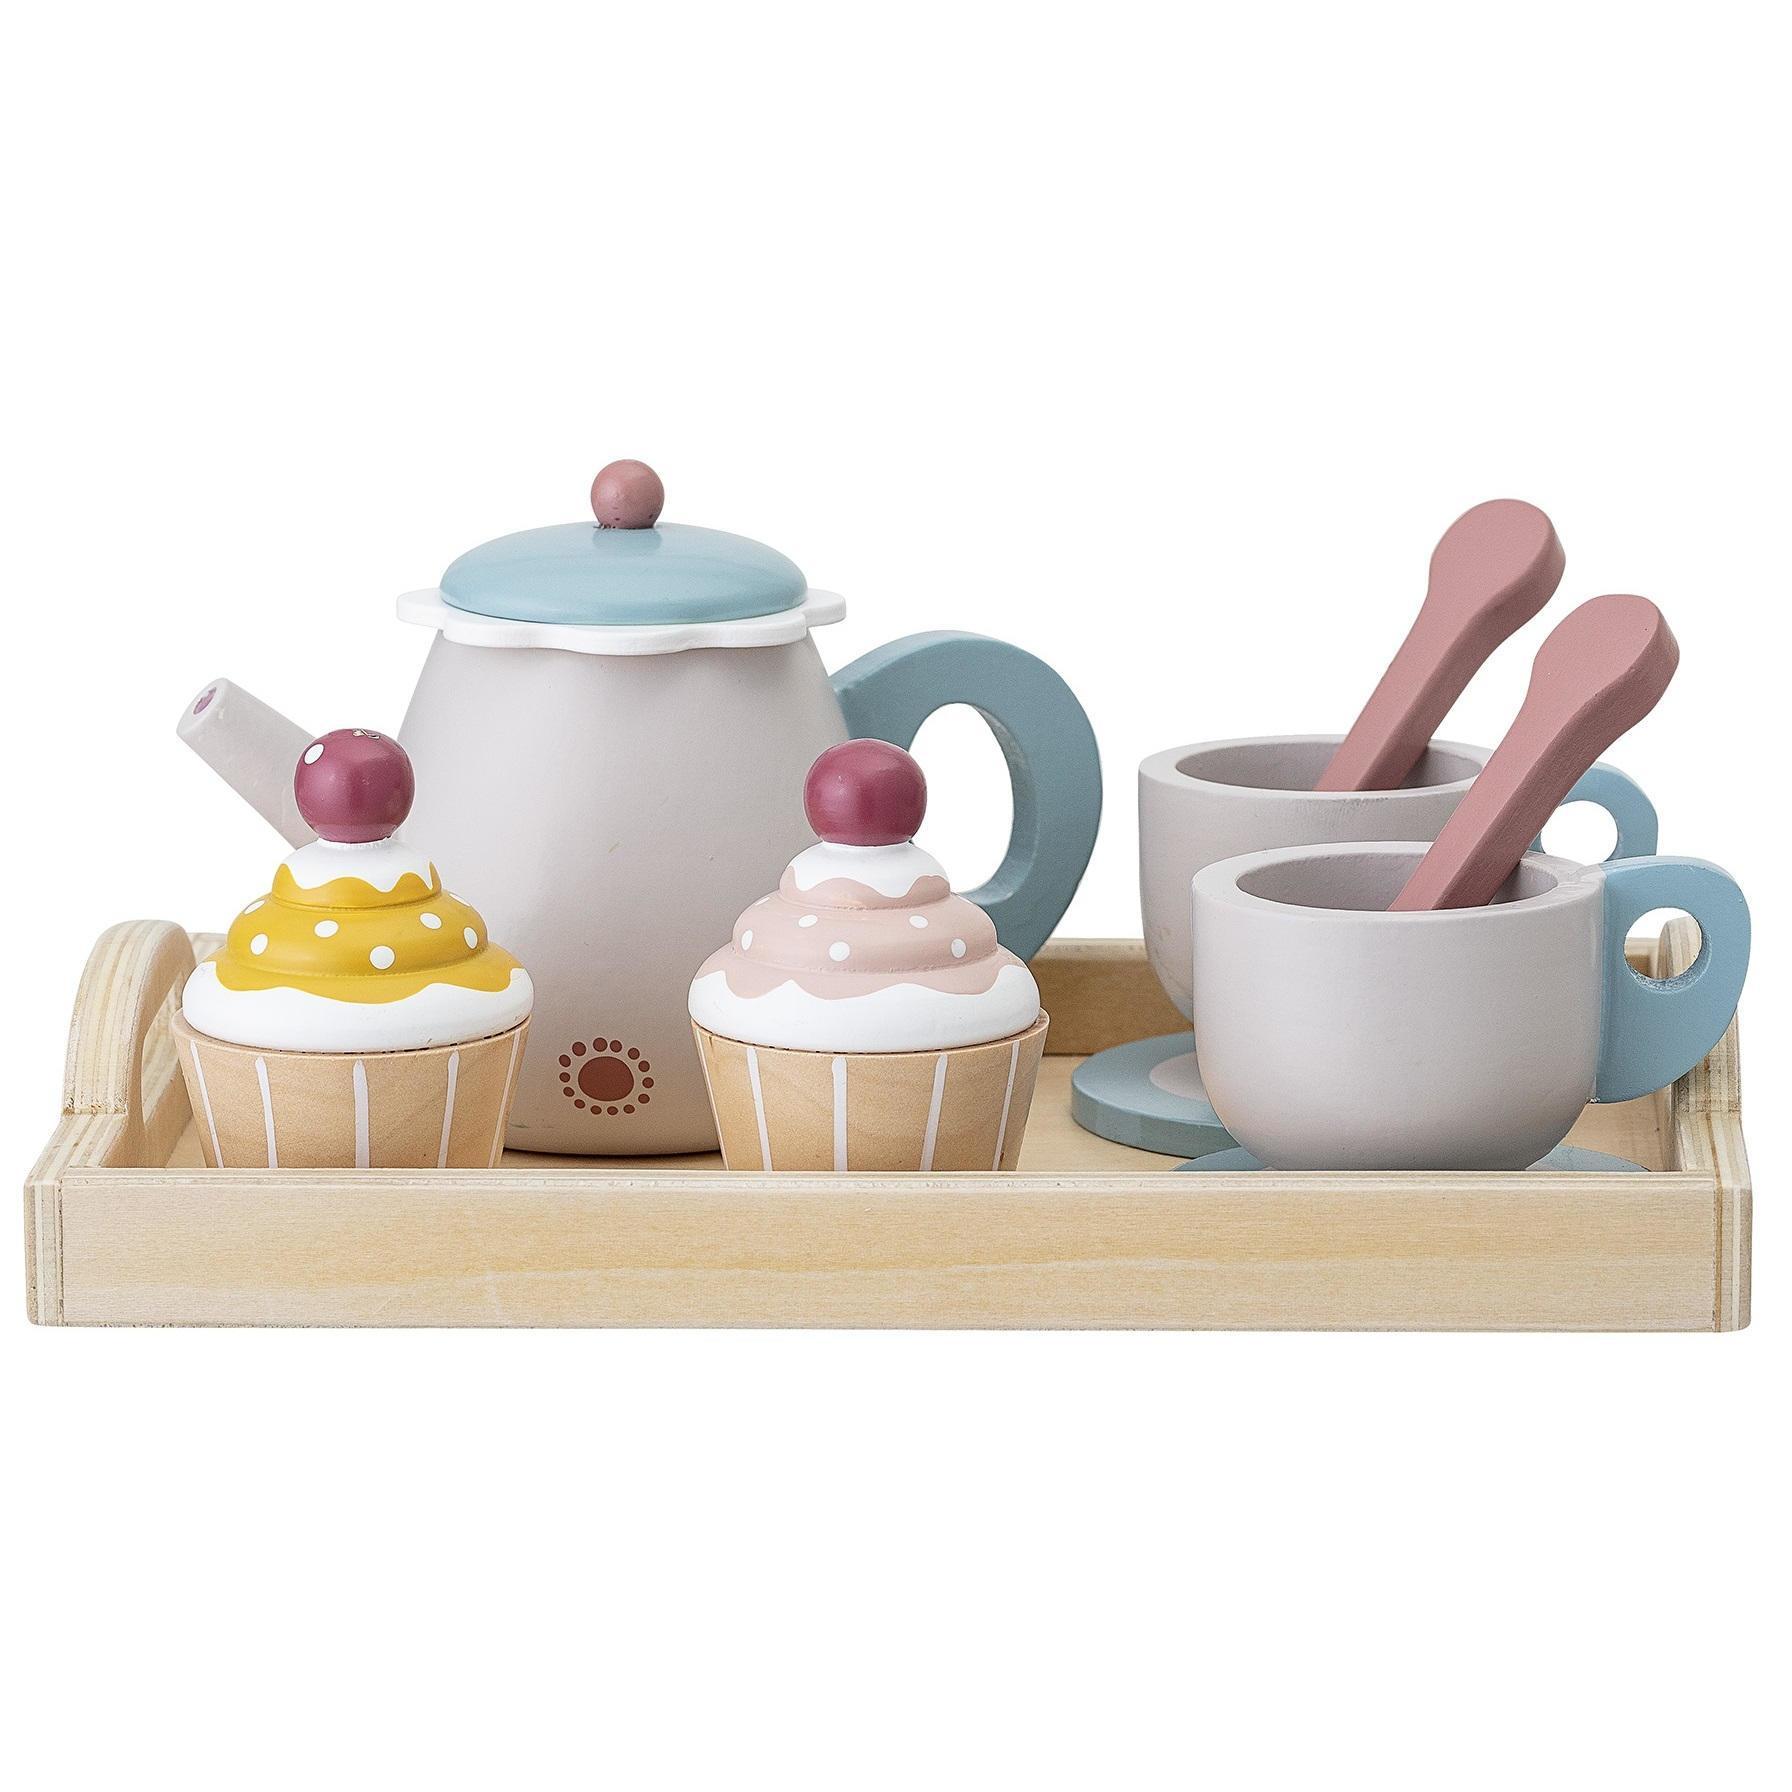 Bloomingville Dřevěná hračka - čajová sada, multi barva, dřevo